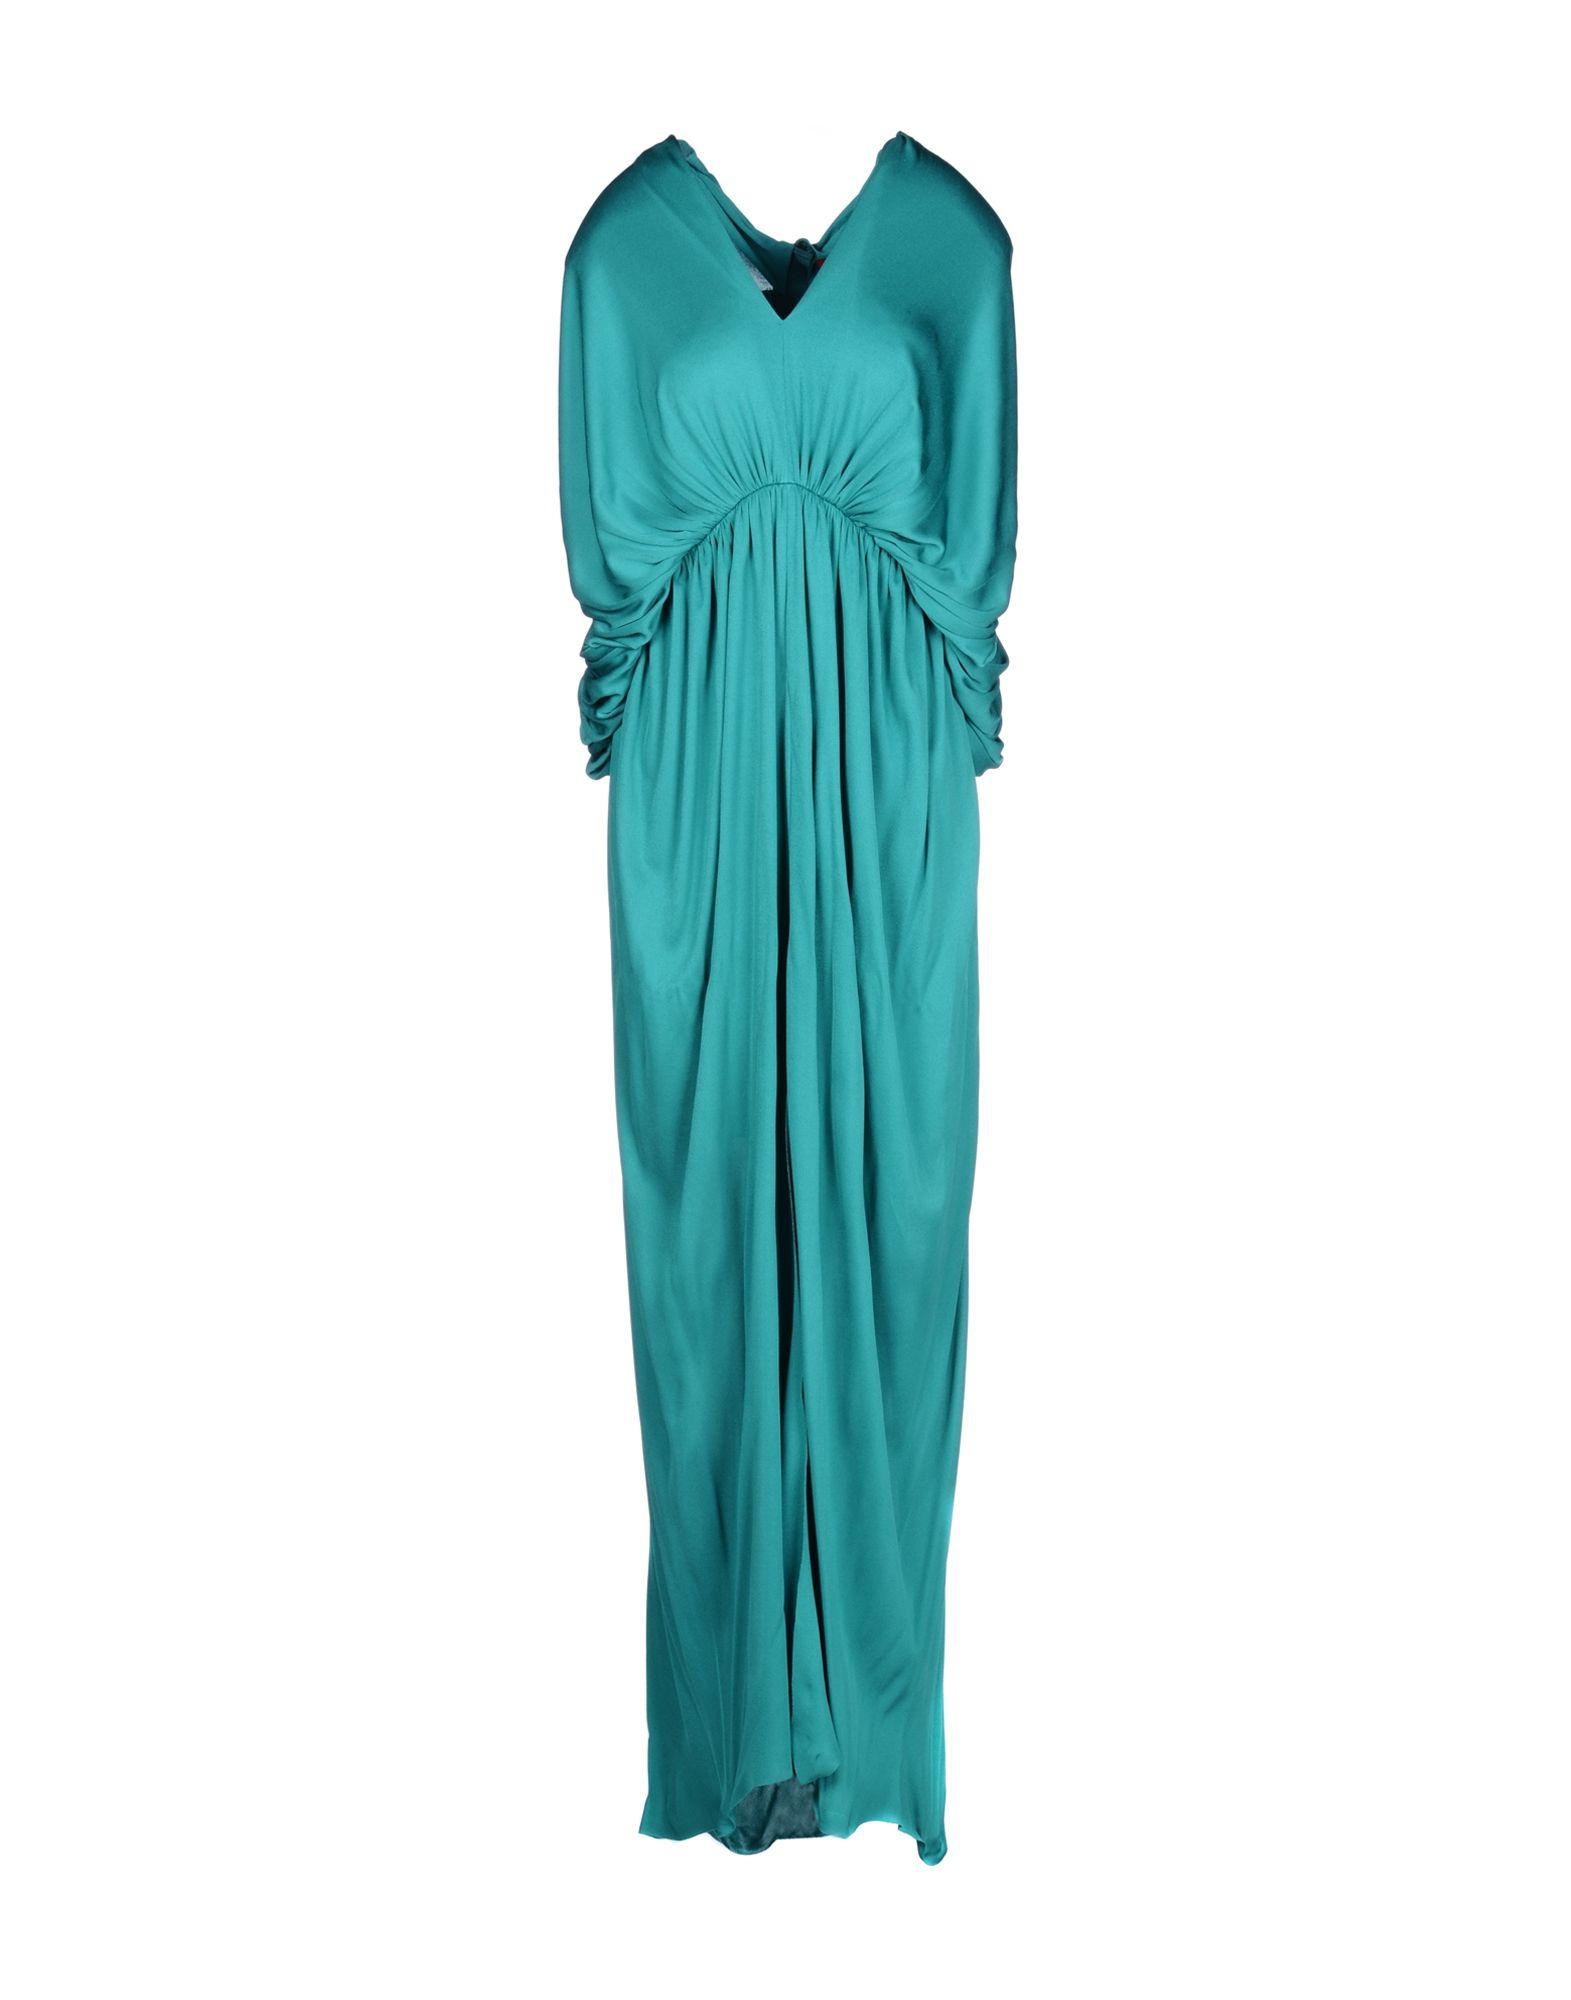 LANVIN Длинное платье платье короткое спереди длинное сзади летнее